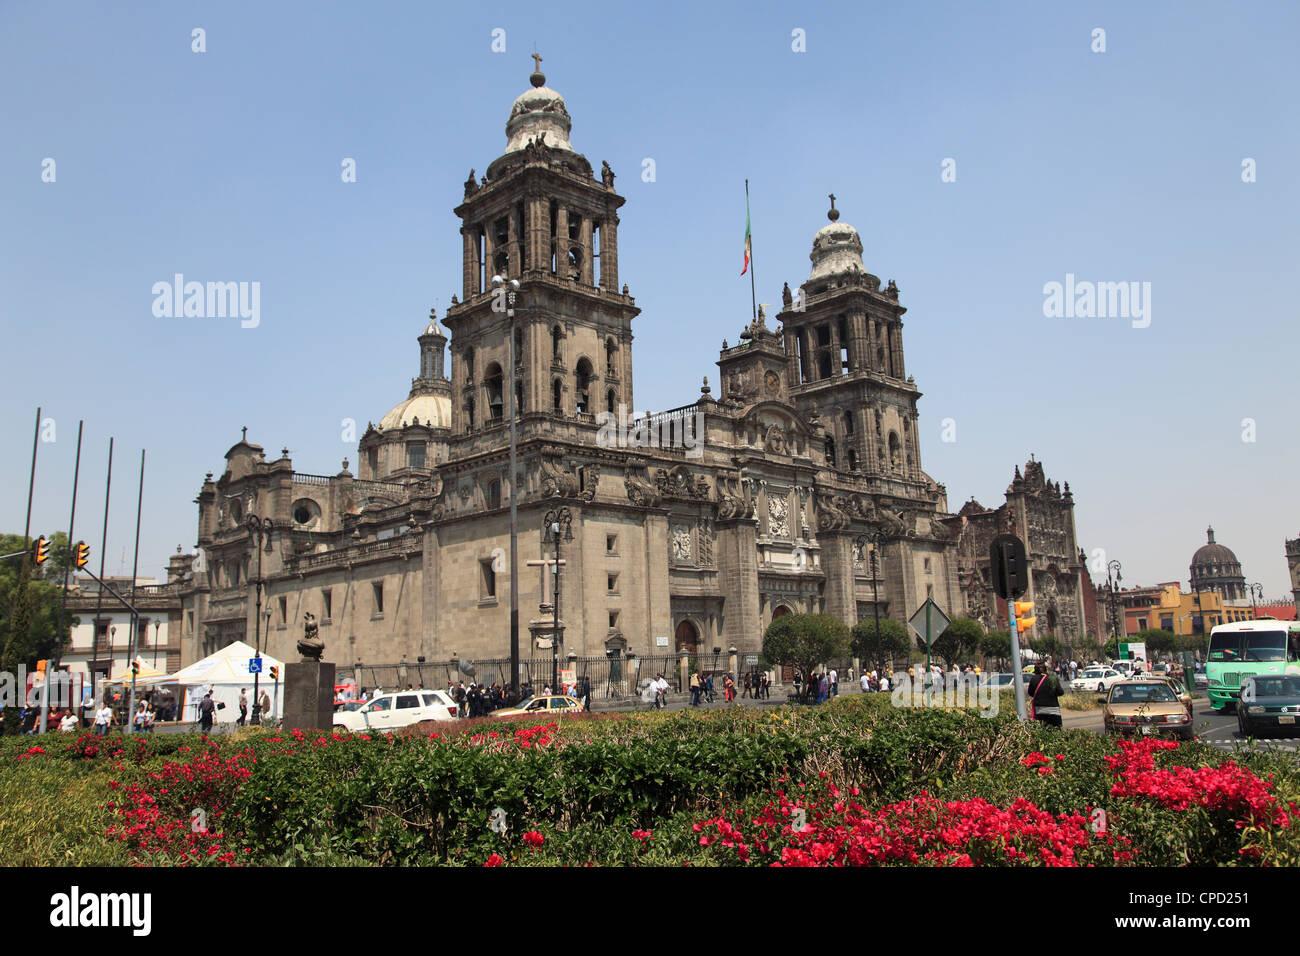 Catedral Metropolitana, la iglesia más grande de América Latina, el Zócalo, la Plaza de la Constitución, Imagen De Stock